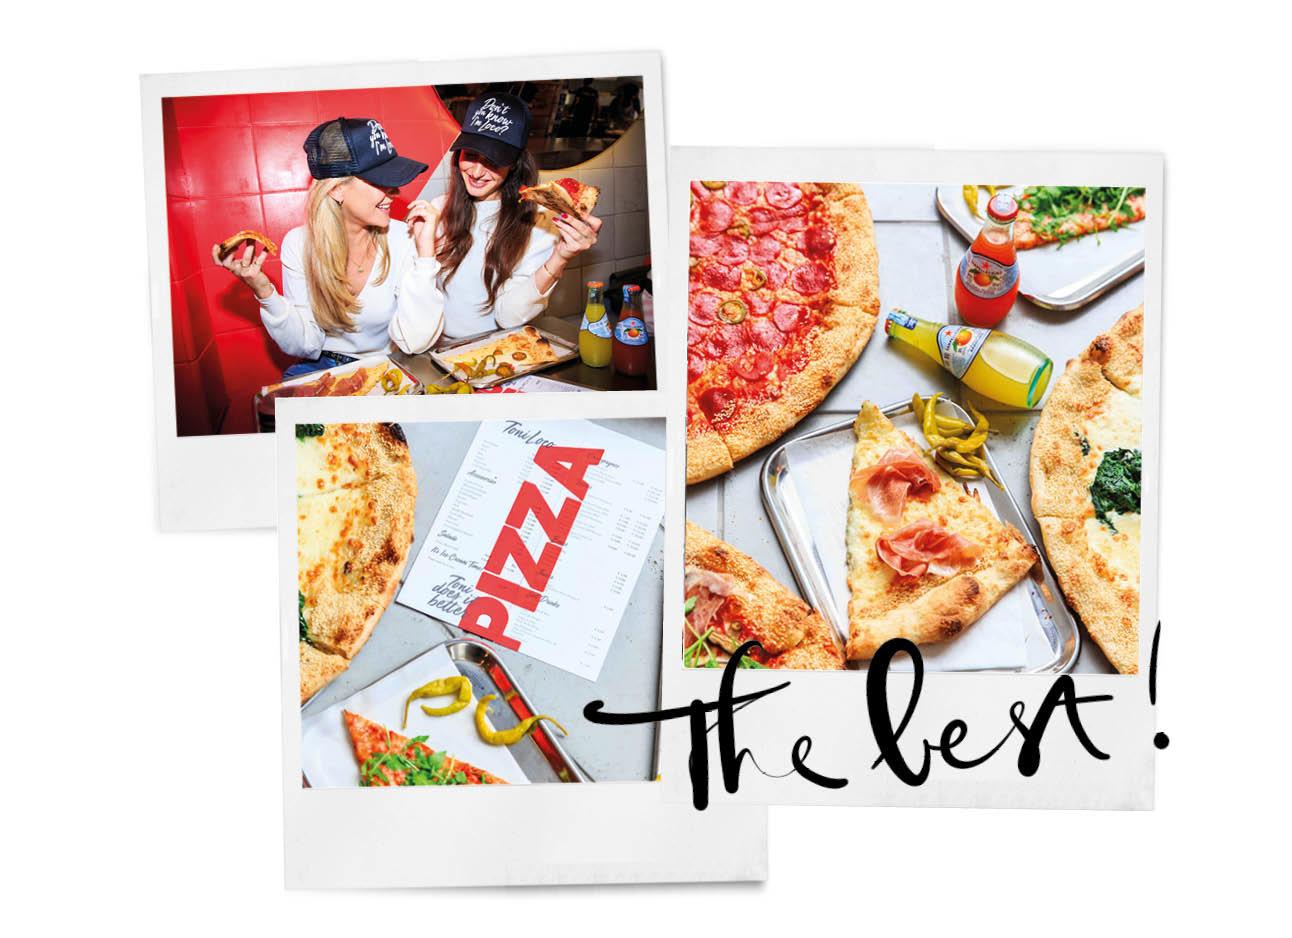 twee meisjes met een pet op in een restaurant eten pizza stukken van Toni Loco stukken pizza op een tafel menu kaart pizza san pellegrino drankejs flesjes